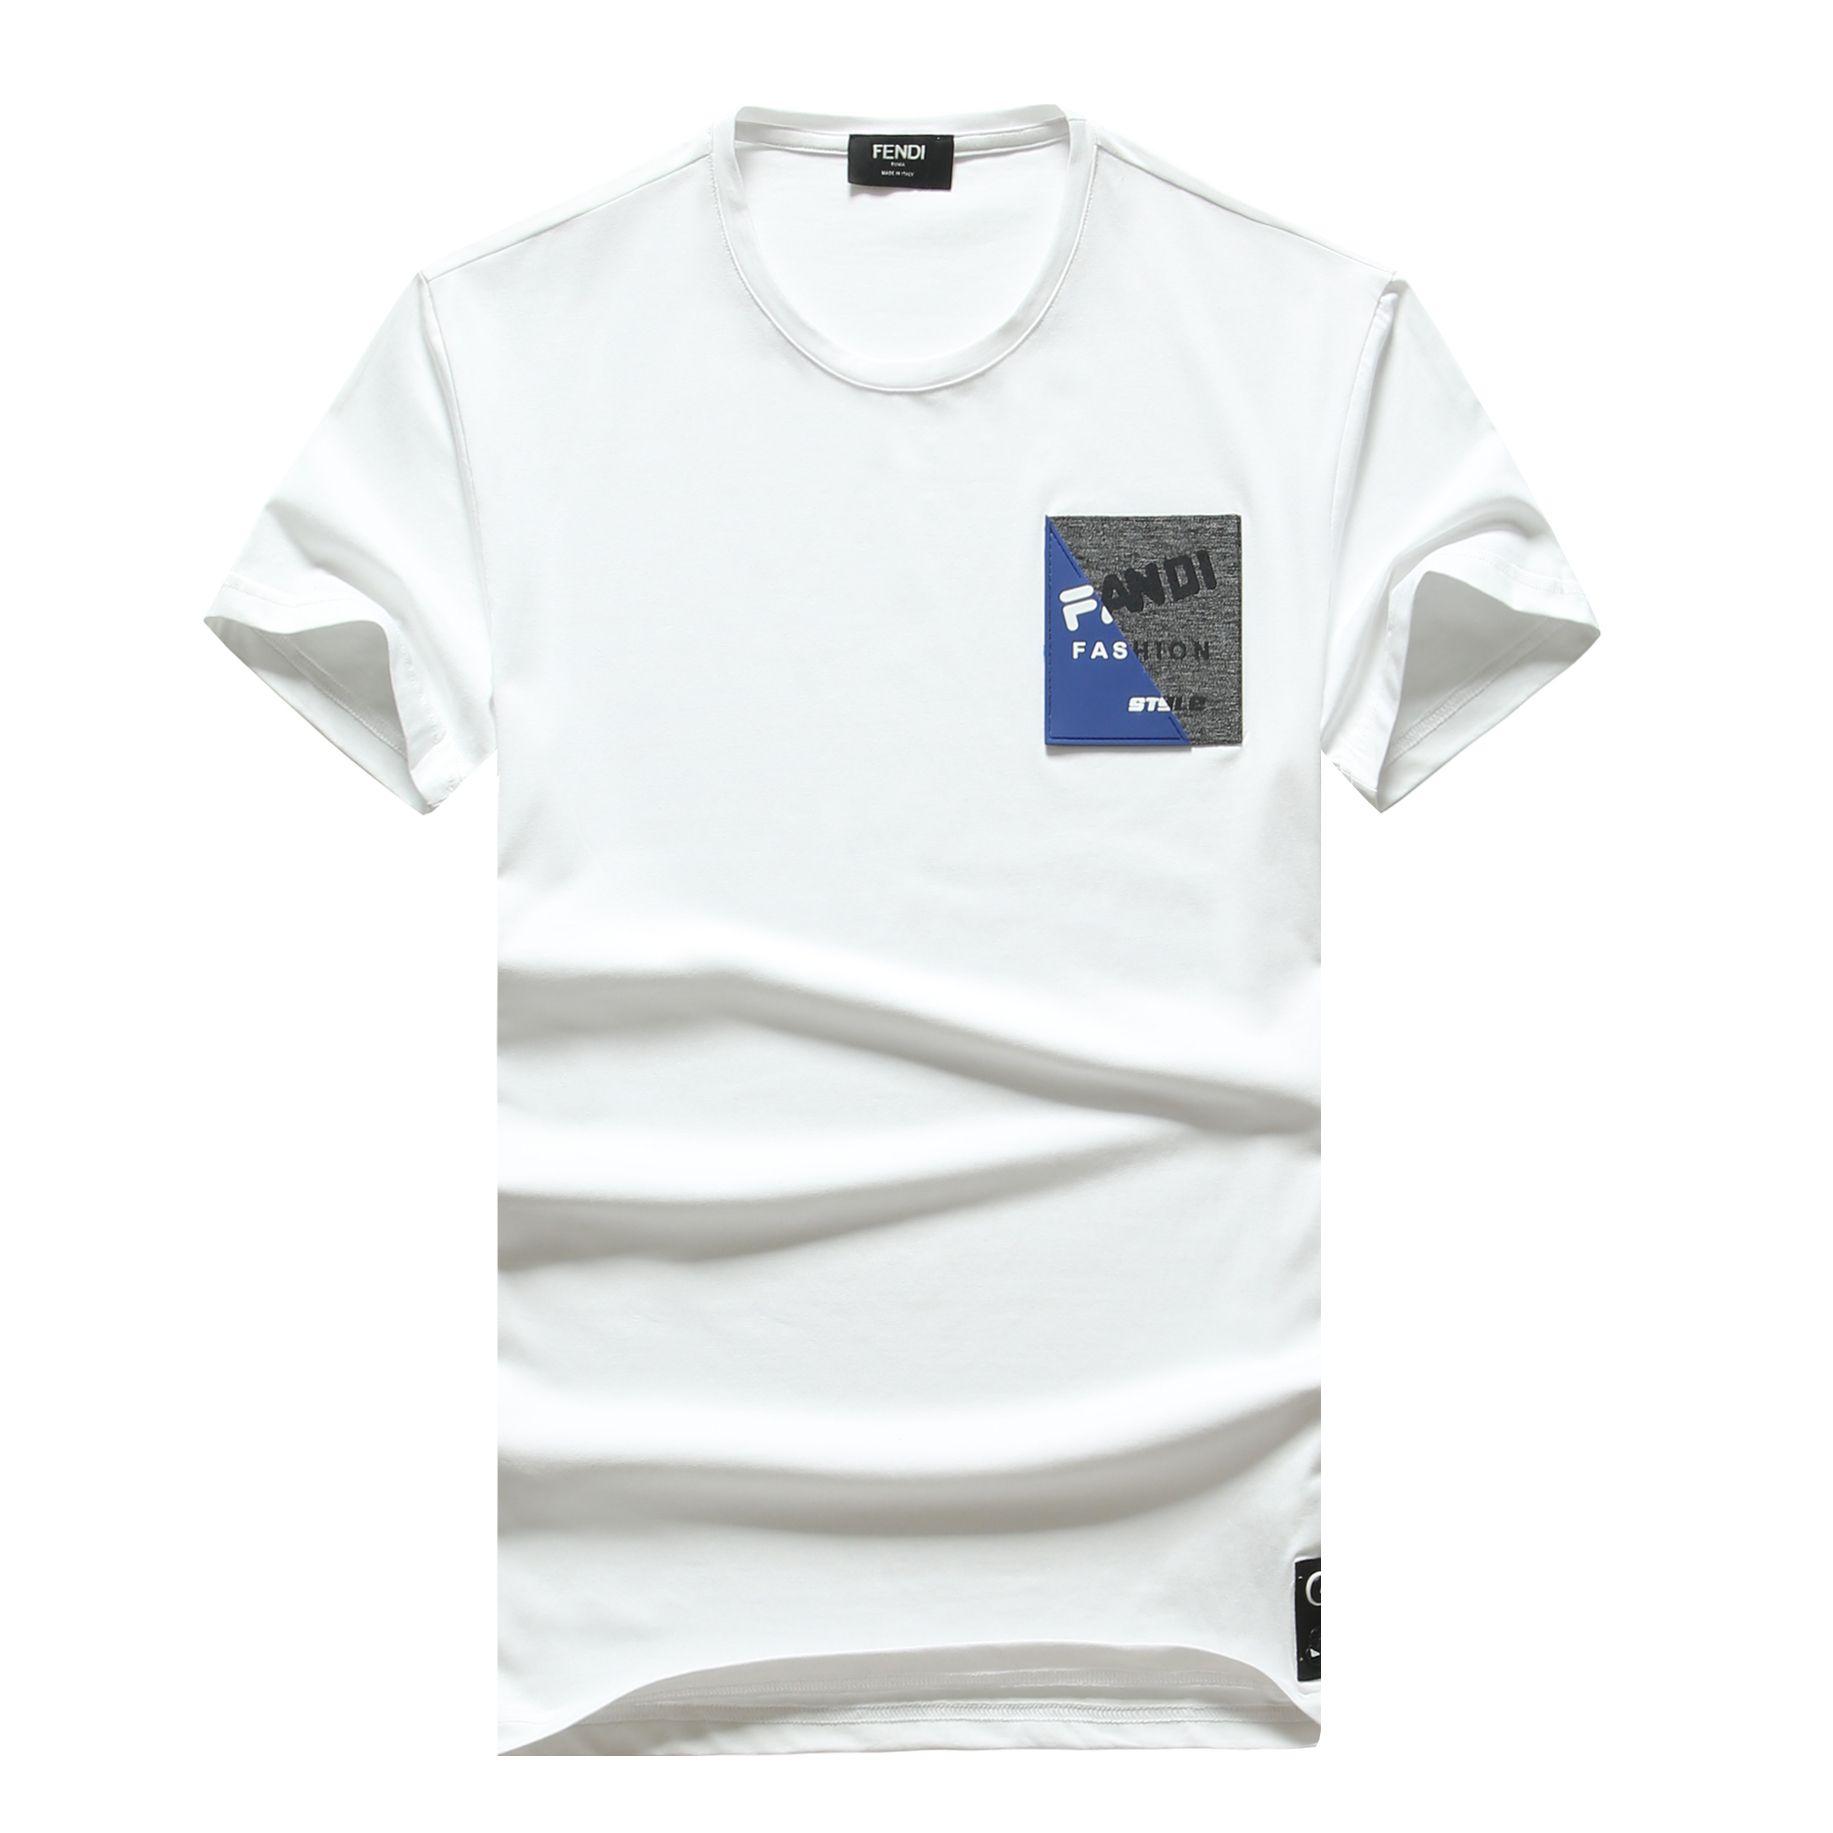 Girl T-shirt 20031005D 2020 novíssimo Hot Vendedor Designer de luxo Homens Mulheres T-shirt Moda Casual Primavera-Verão Camisetas Boa Qualidade de Luxo